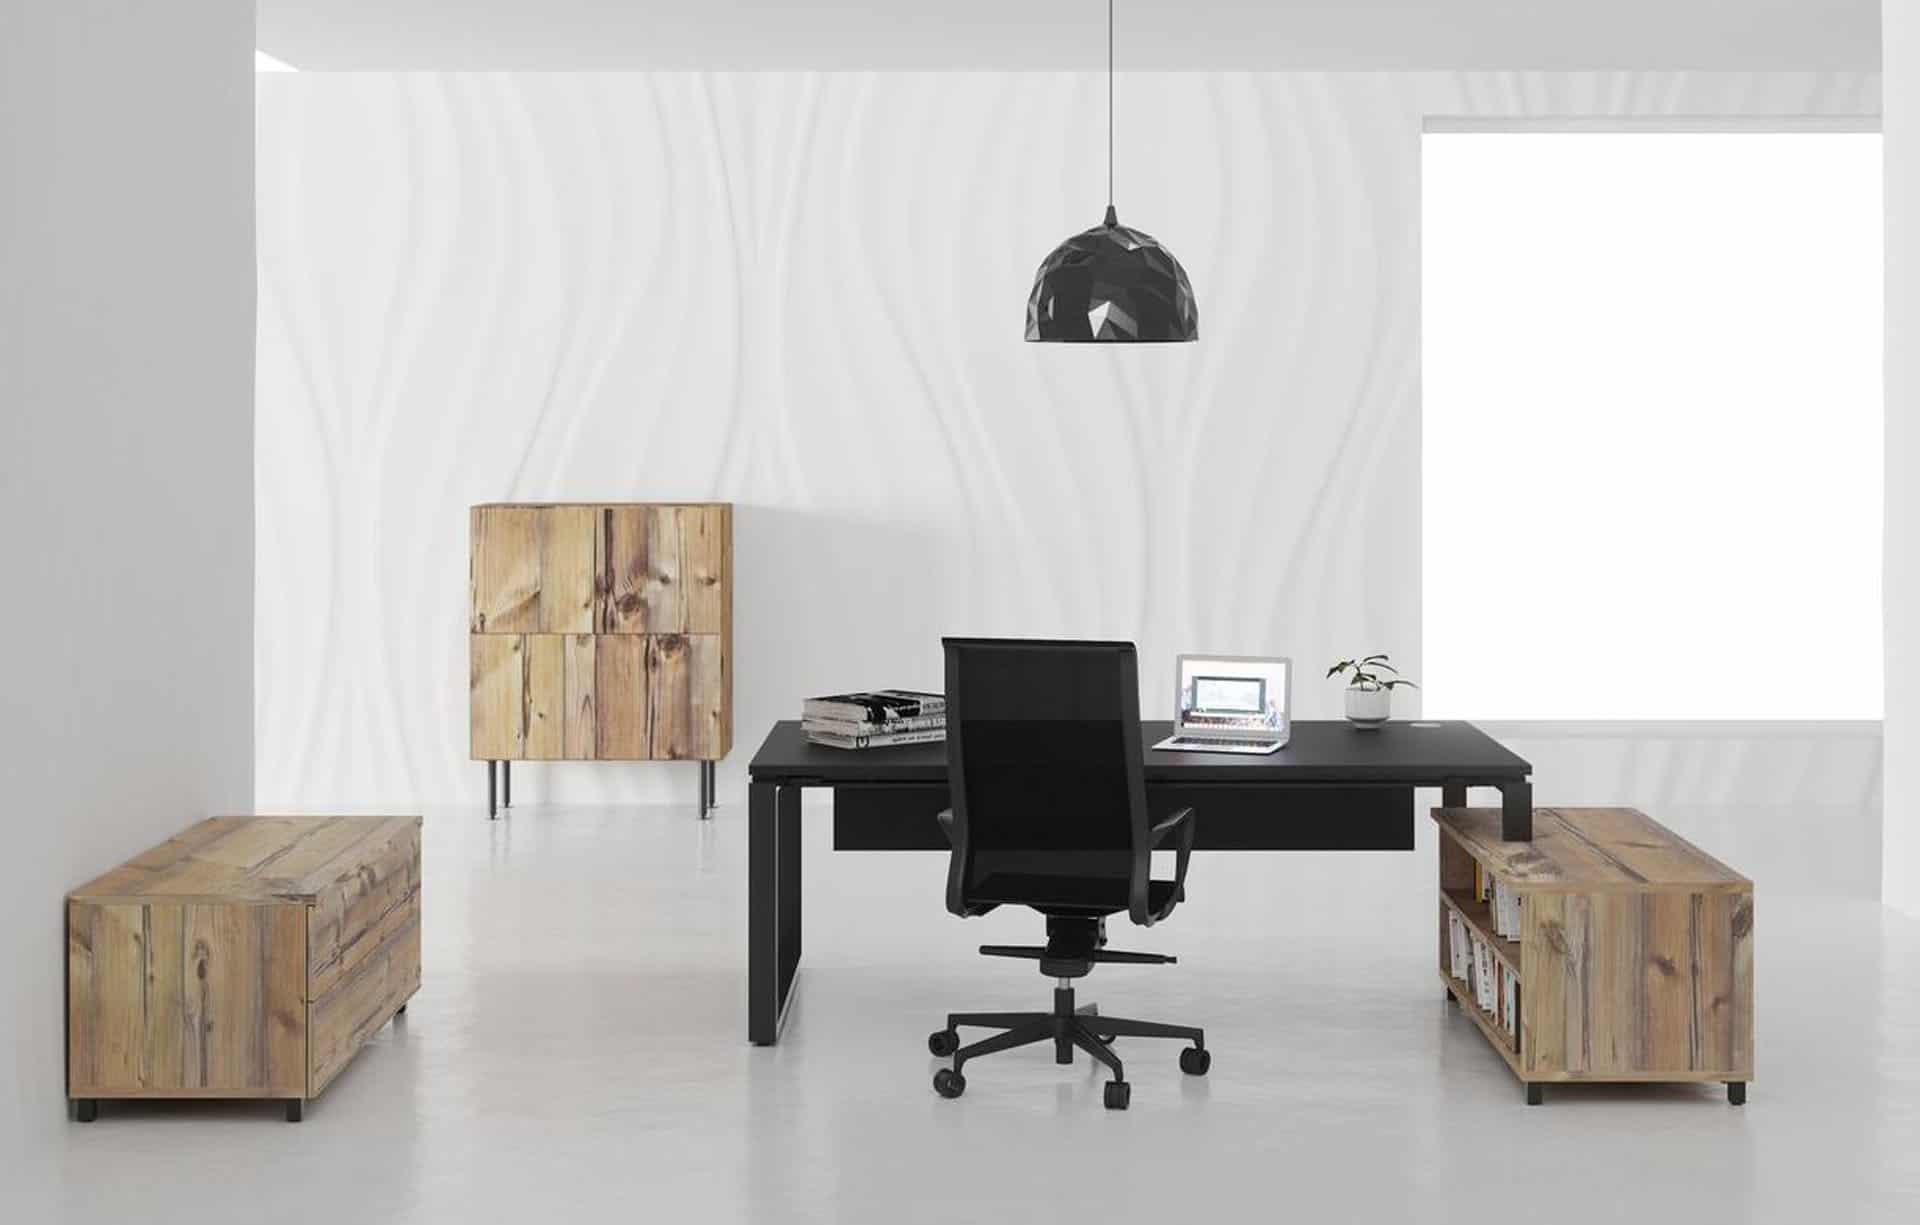 Bureau de direction Caen;Bayeux (Calvados -14) - Mobilier de bureau Buronomic Prestige Bicolore Noire Plateau Timber  avec de rangements